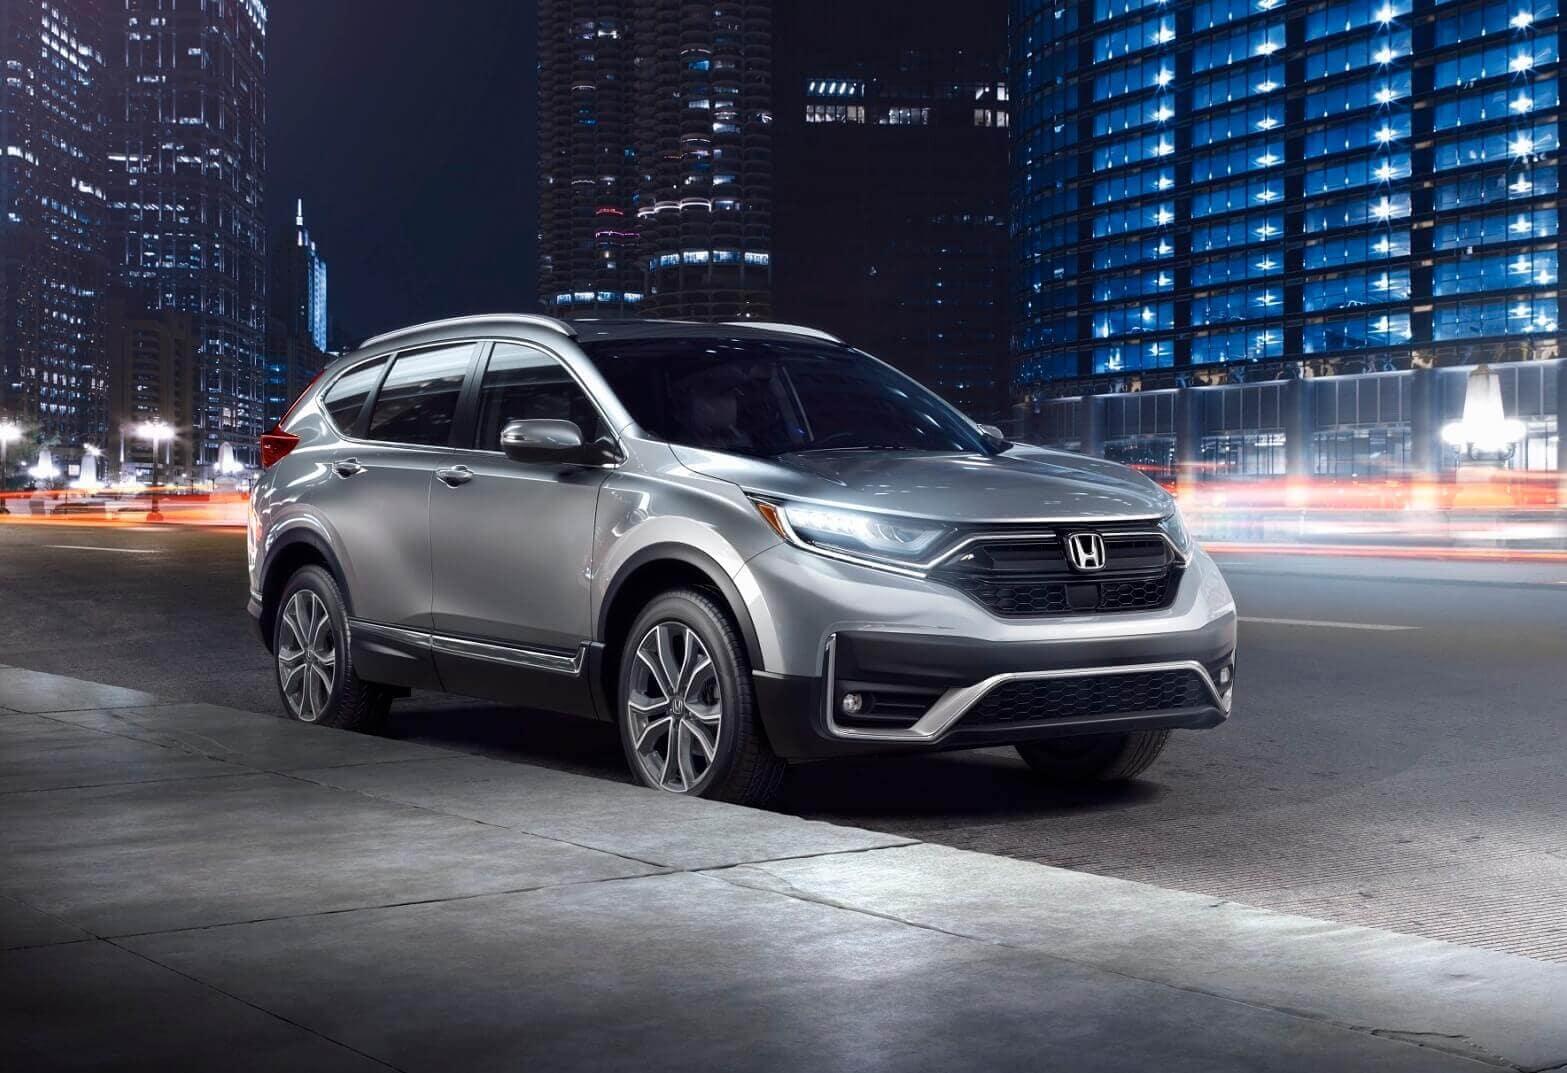 2021 Honda Honda CR-V for Sale near San Antonio TX